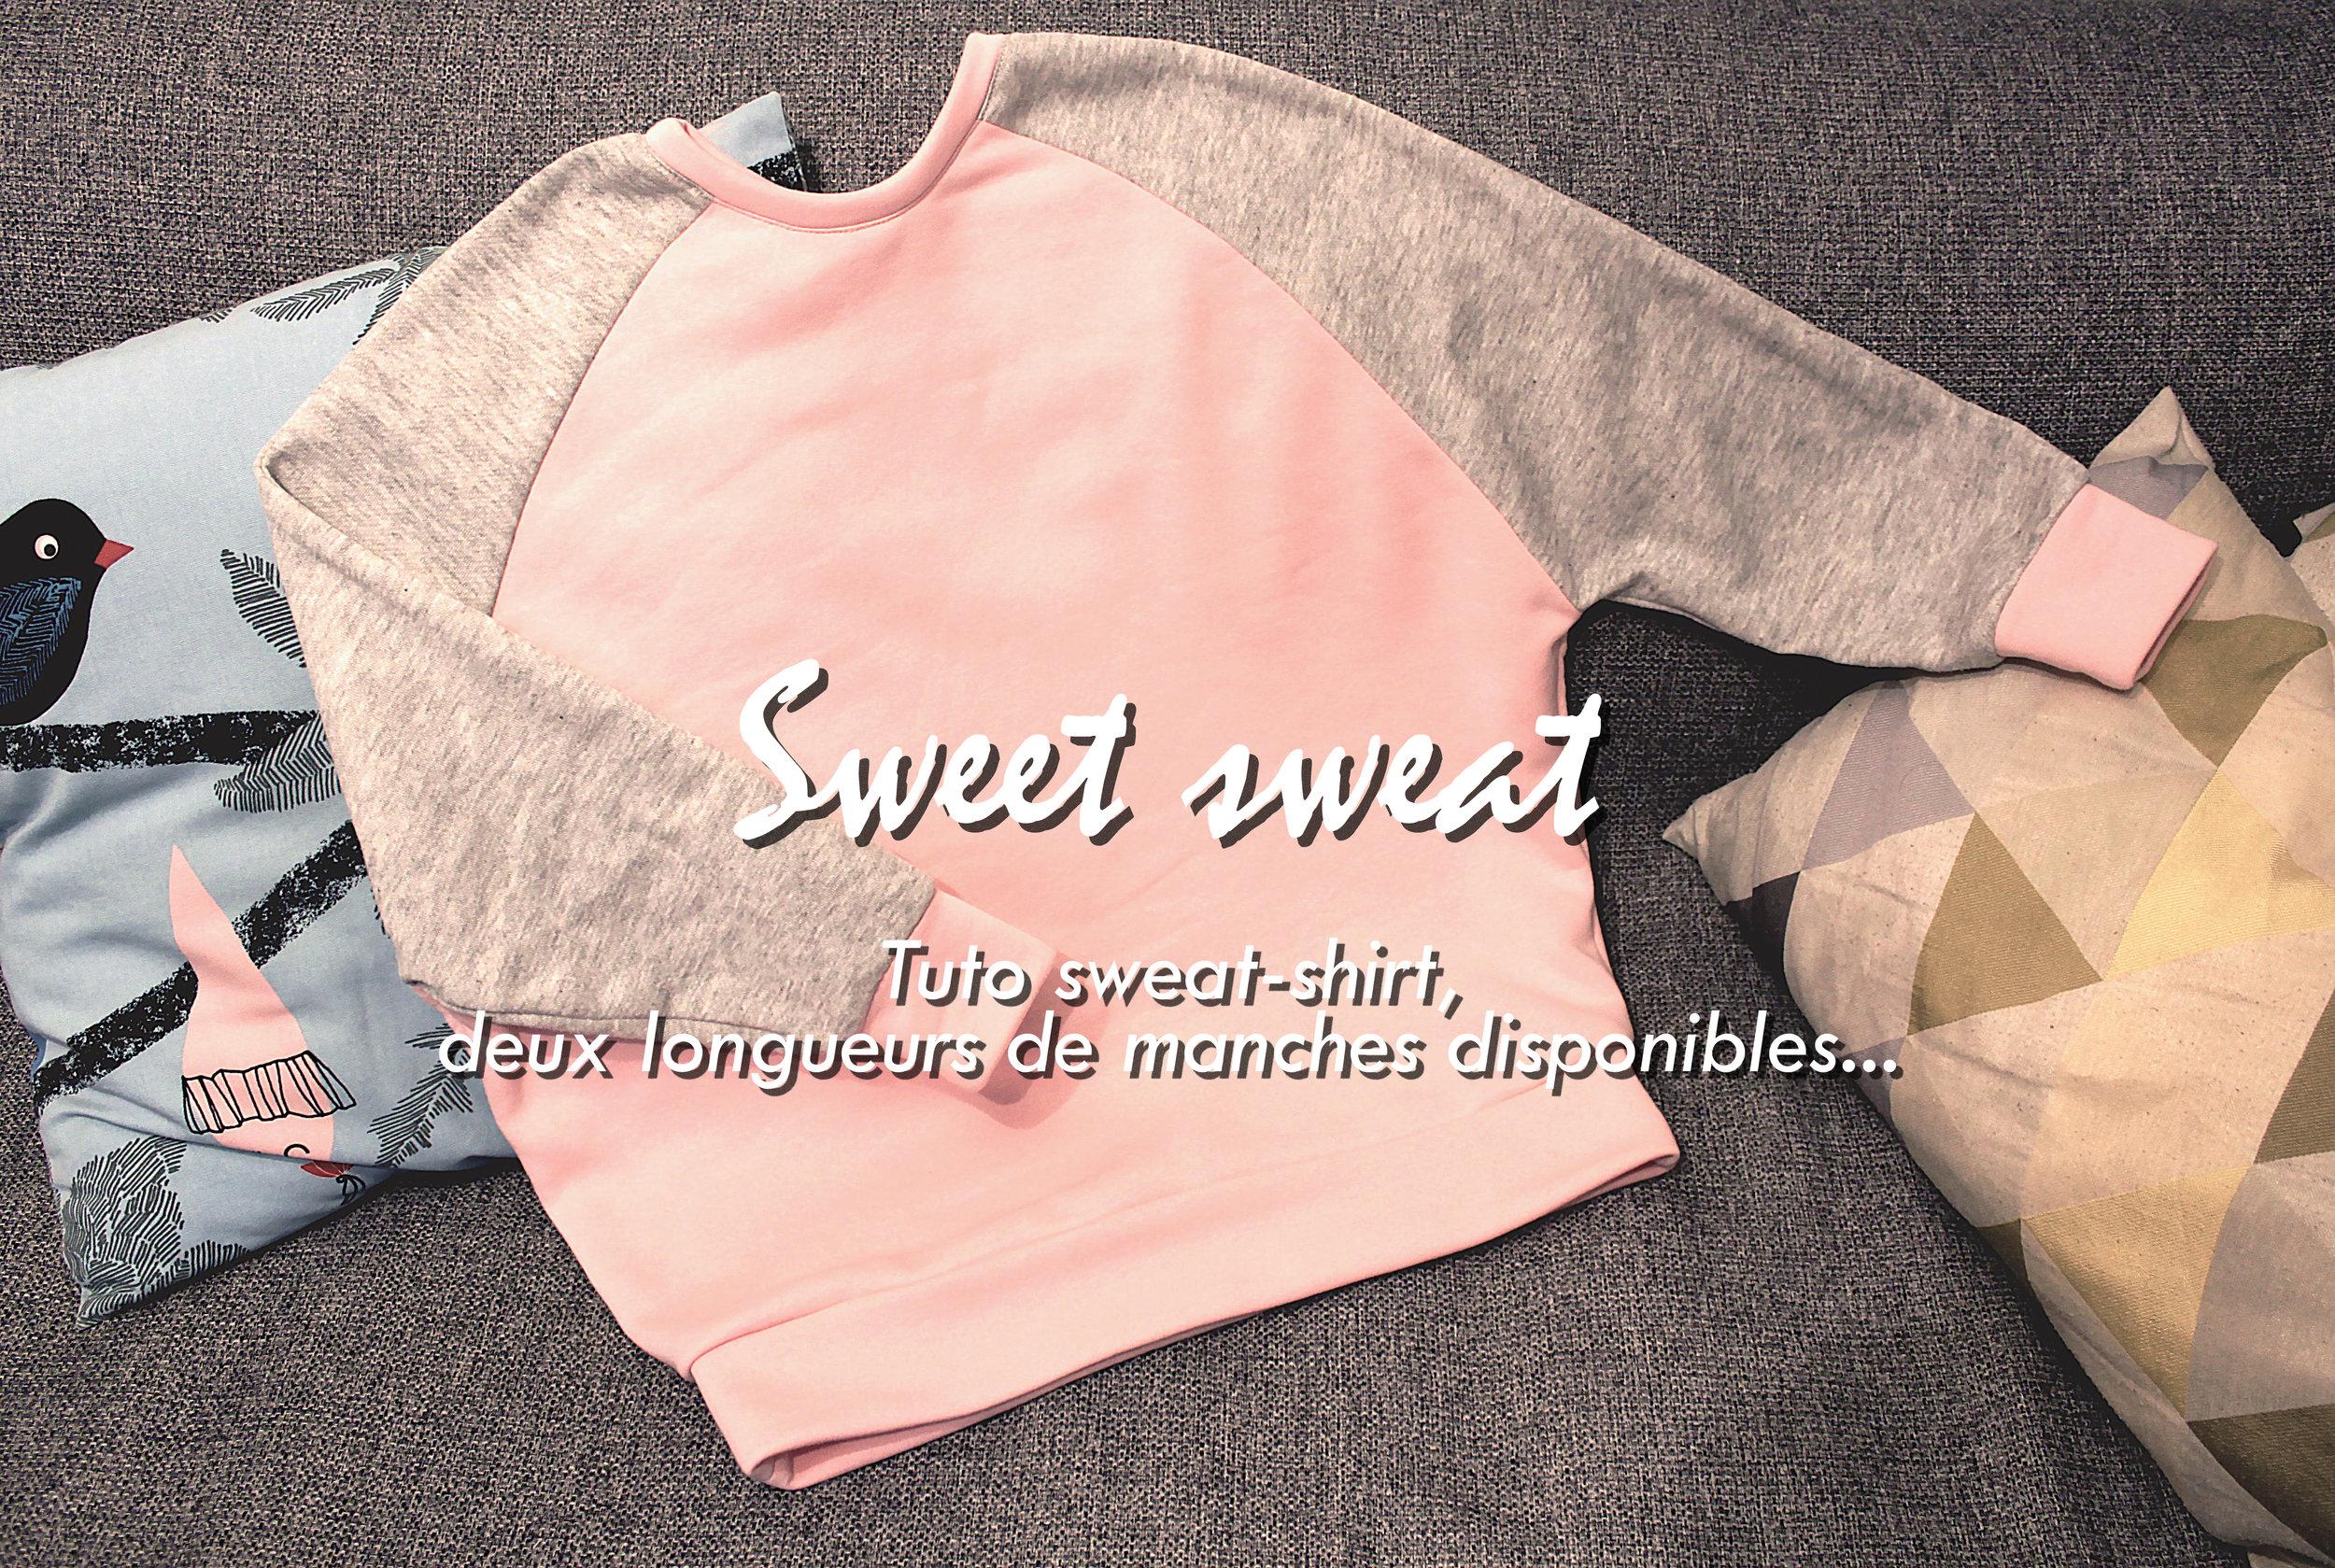 Sweet sweat.jpg